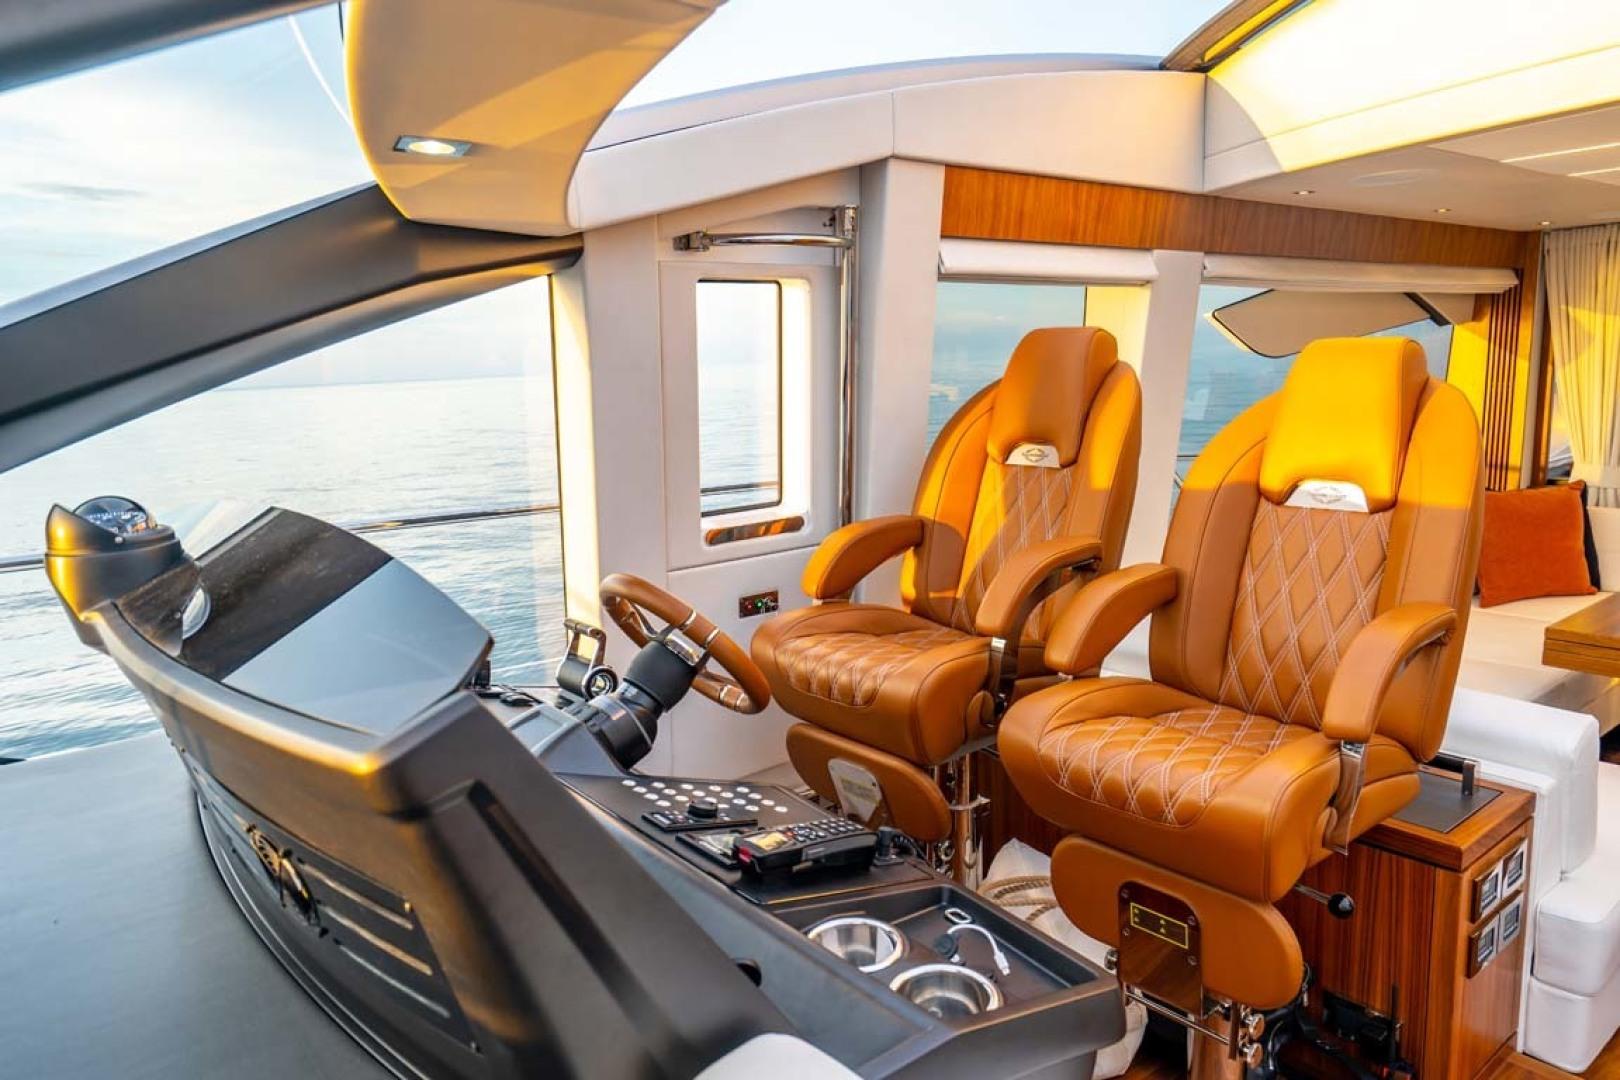 Sunseeker-Predator 2020-WIND@SEA Ft. Lauderdale-Florida-United States Helm-1457461 | Thumbnail